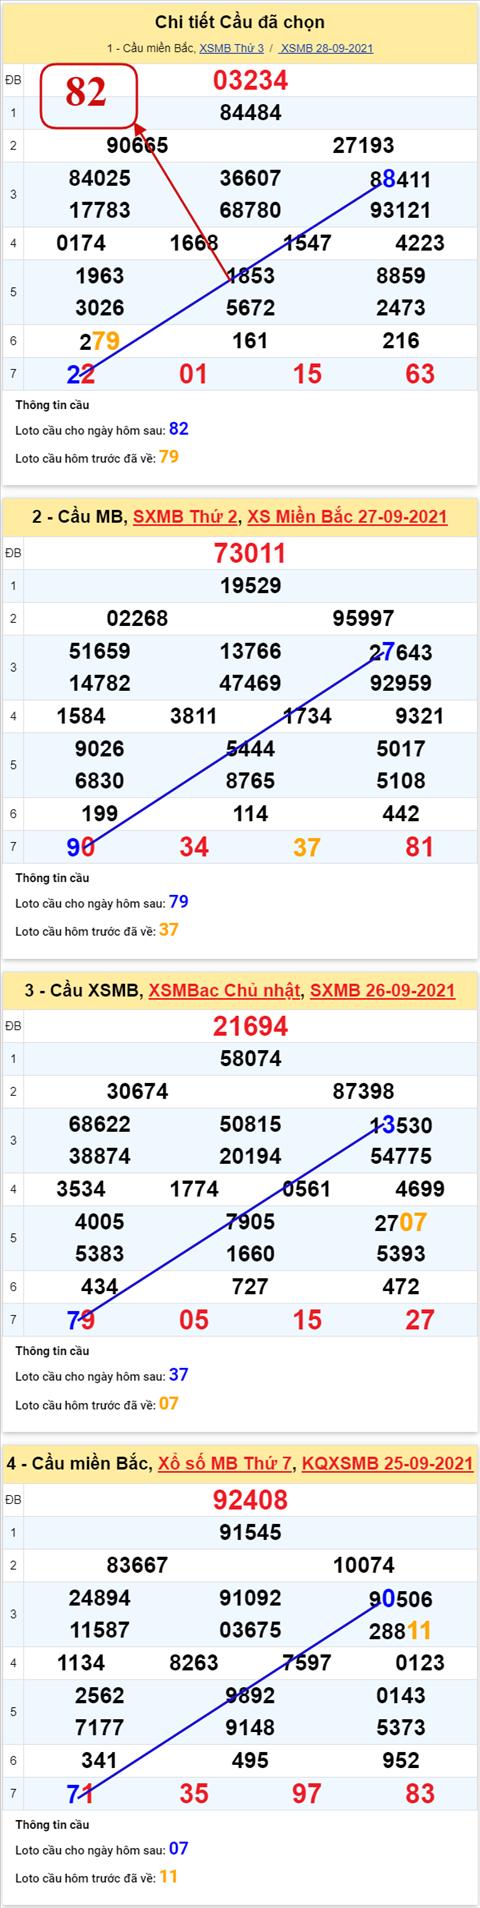 Phan tich XSMB 299 Thu 4 - Thong ke KQXSMB Thu 4 ngay 29-9 hinh anh 3